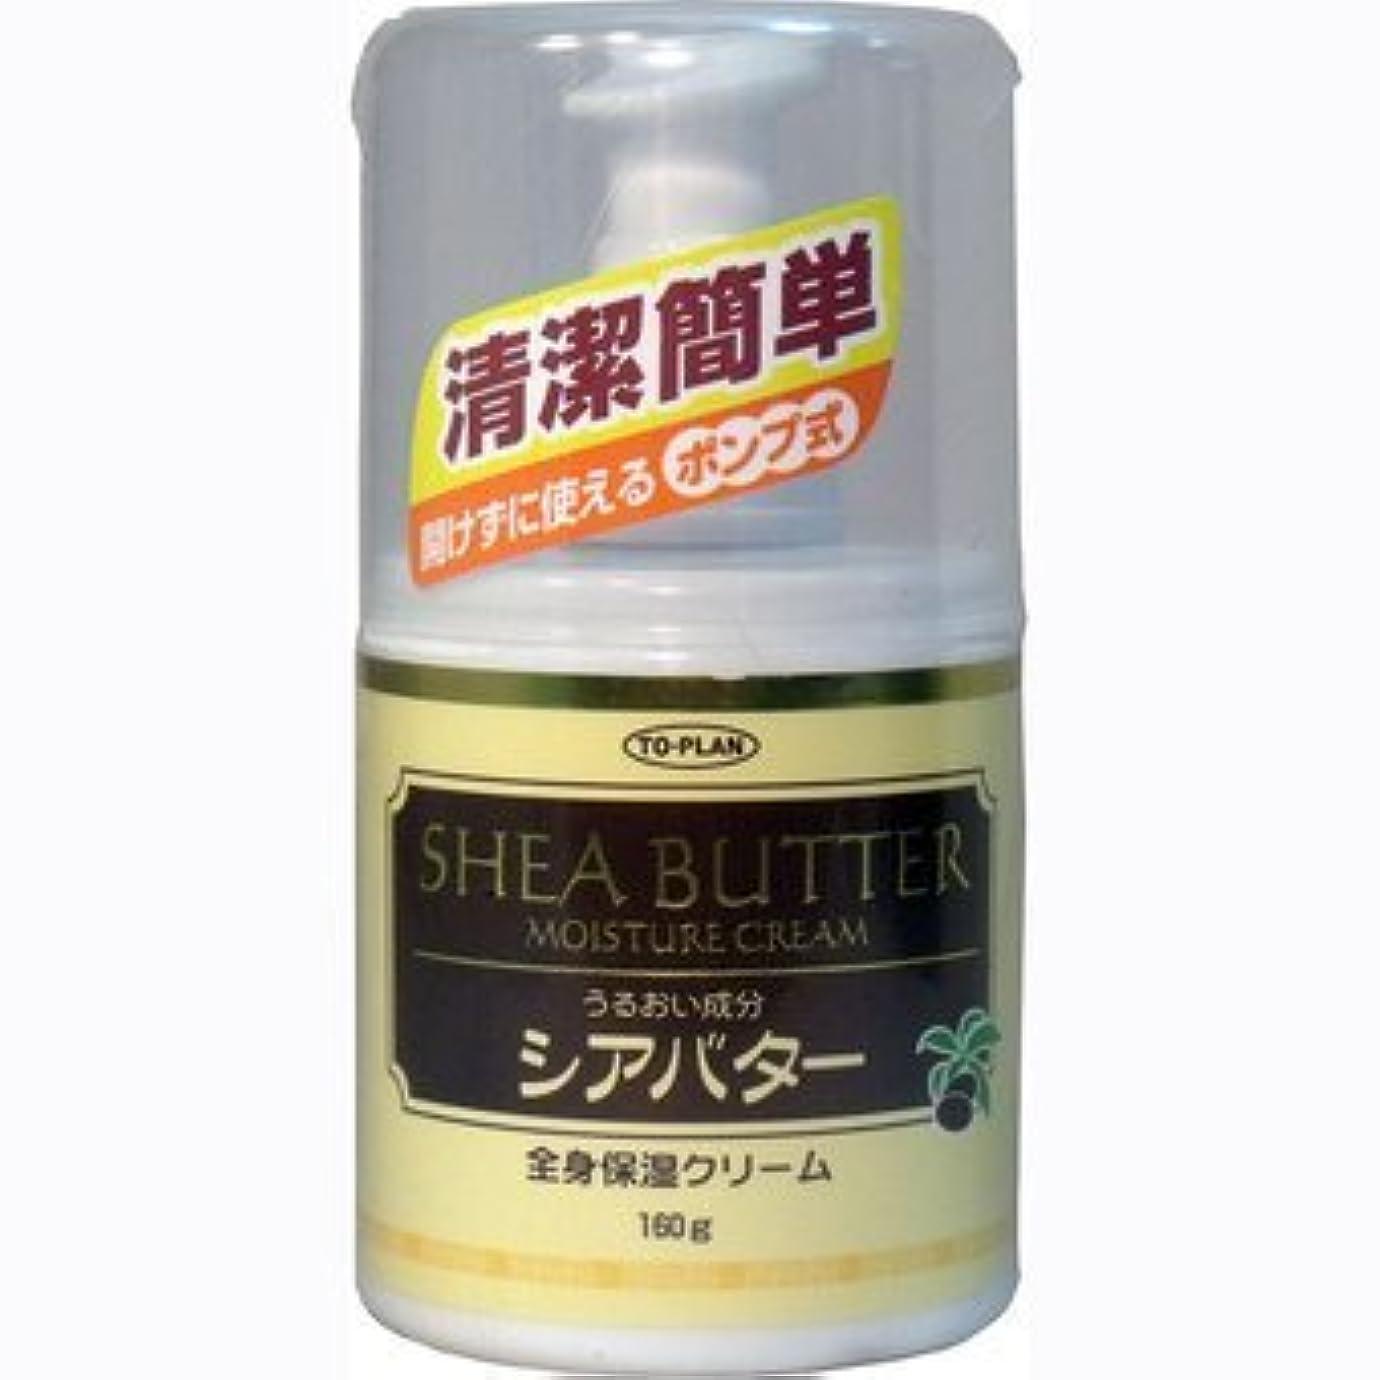 支払いシンポジウム抵抗力があるトプラン 全身保湿クリーム シアバター ポンプ式 160g (商品内訳:単品1本)